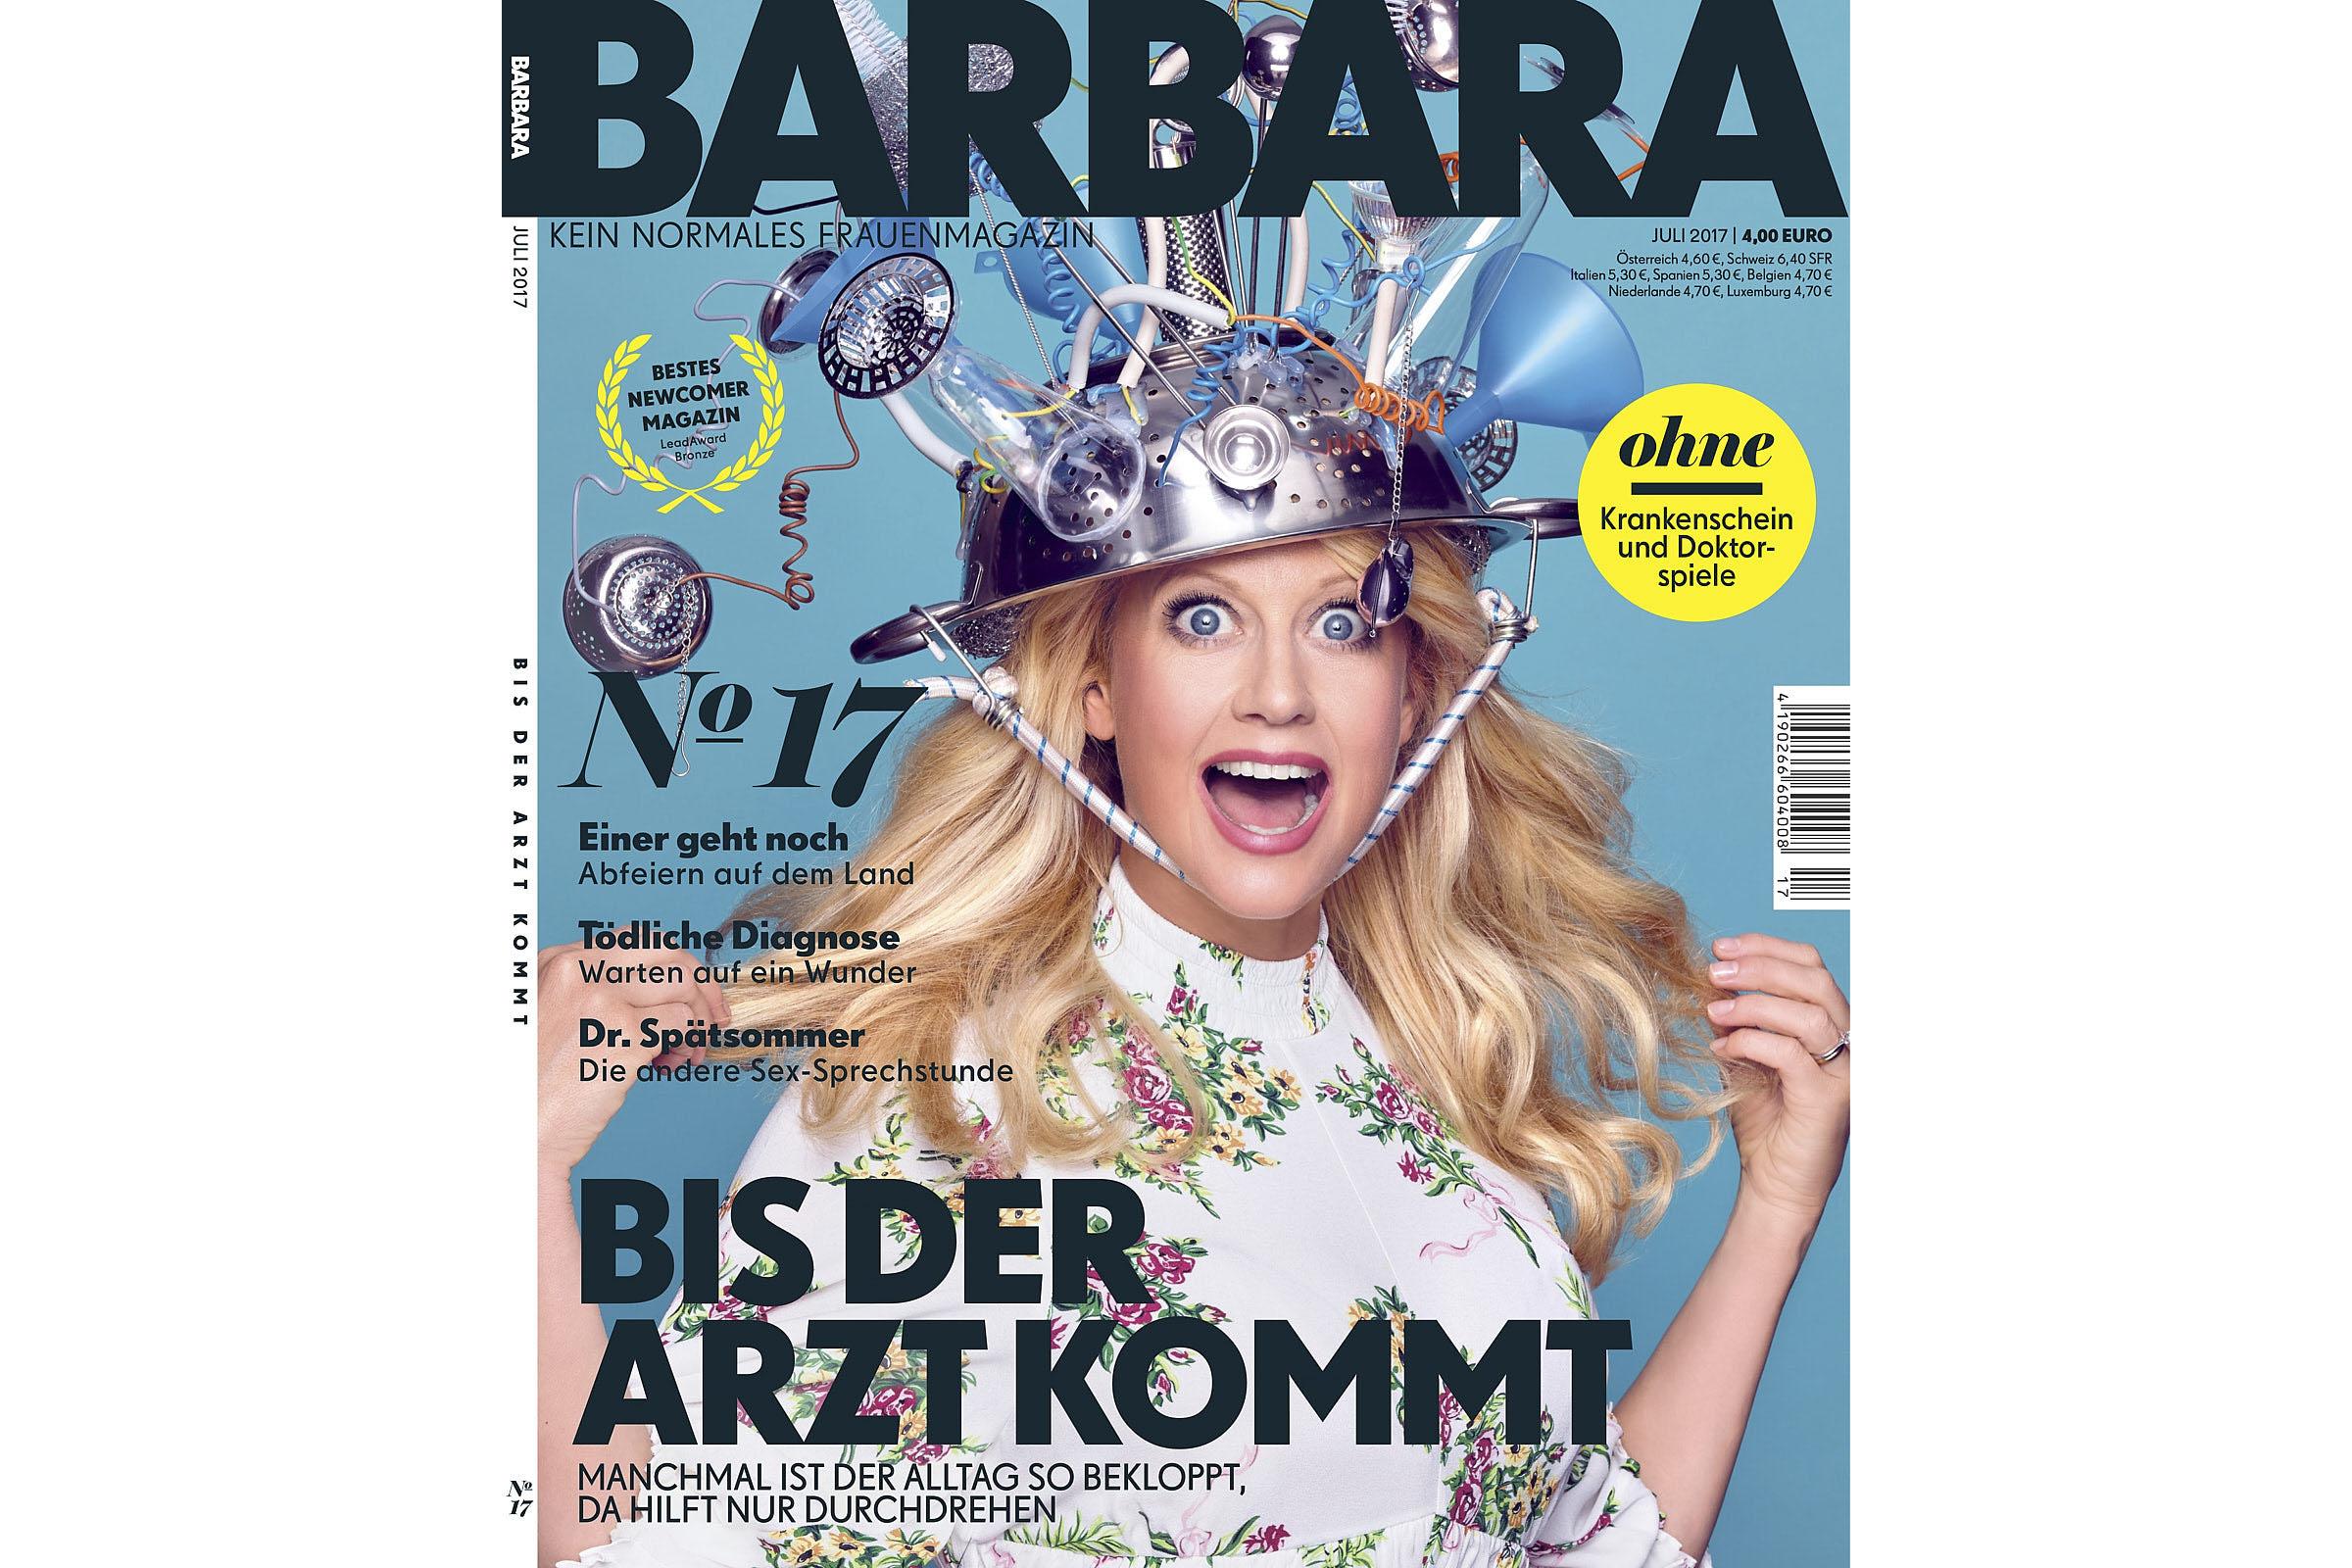 Barbara_#17_Cover_landscape